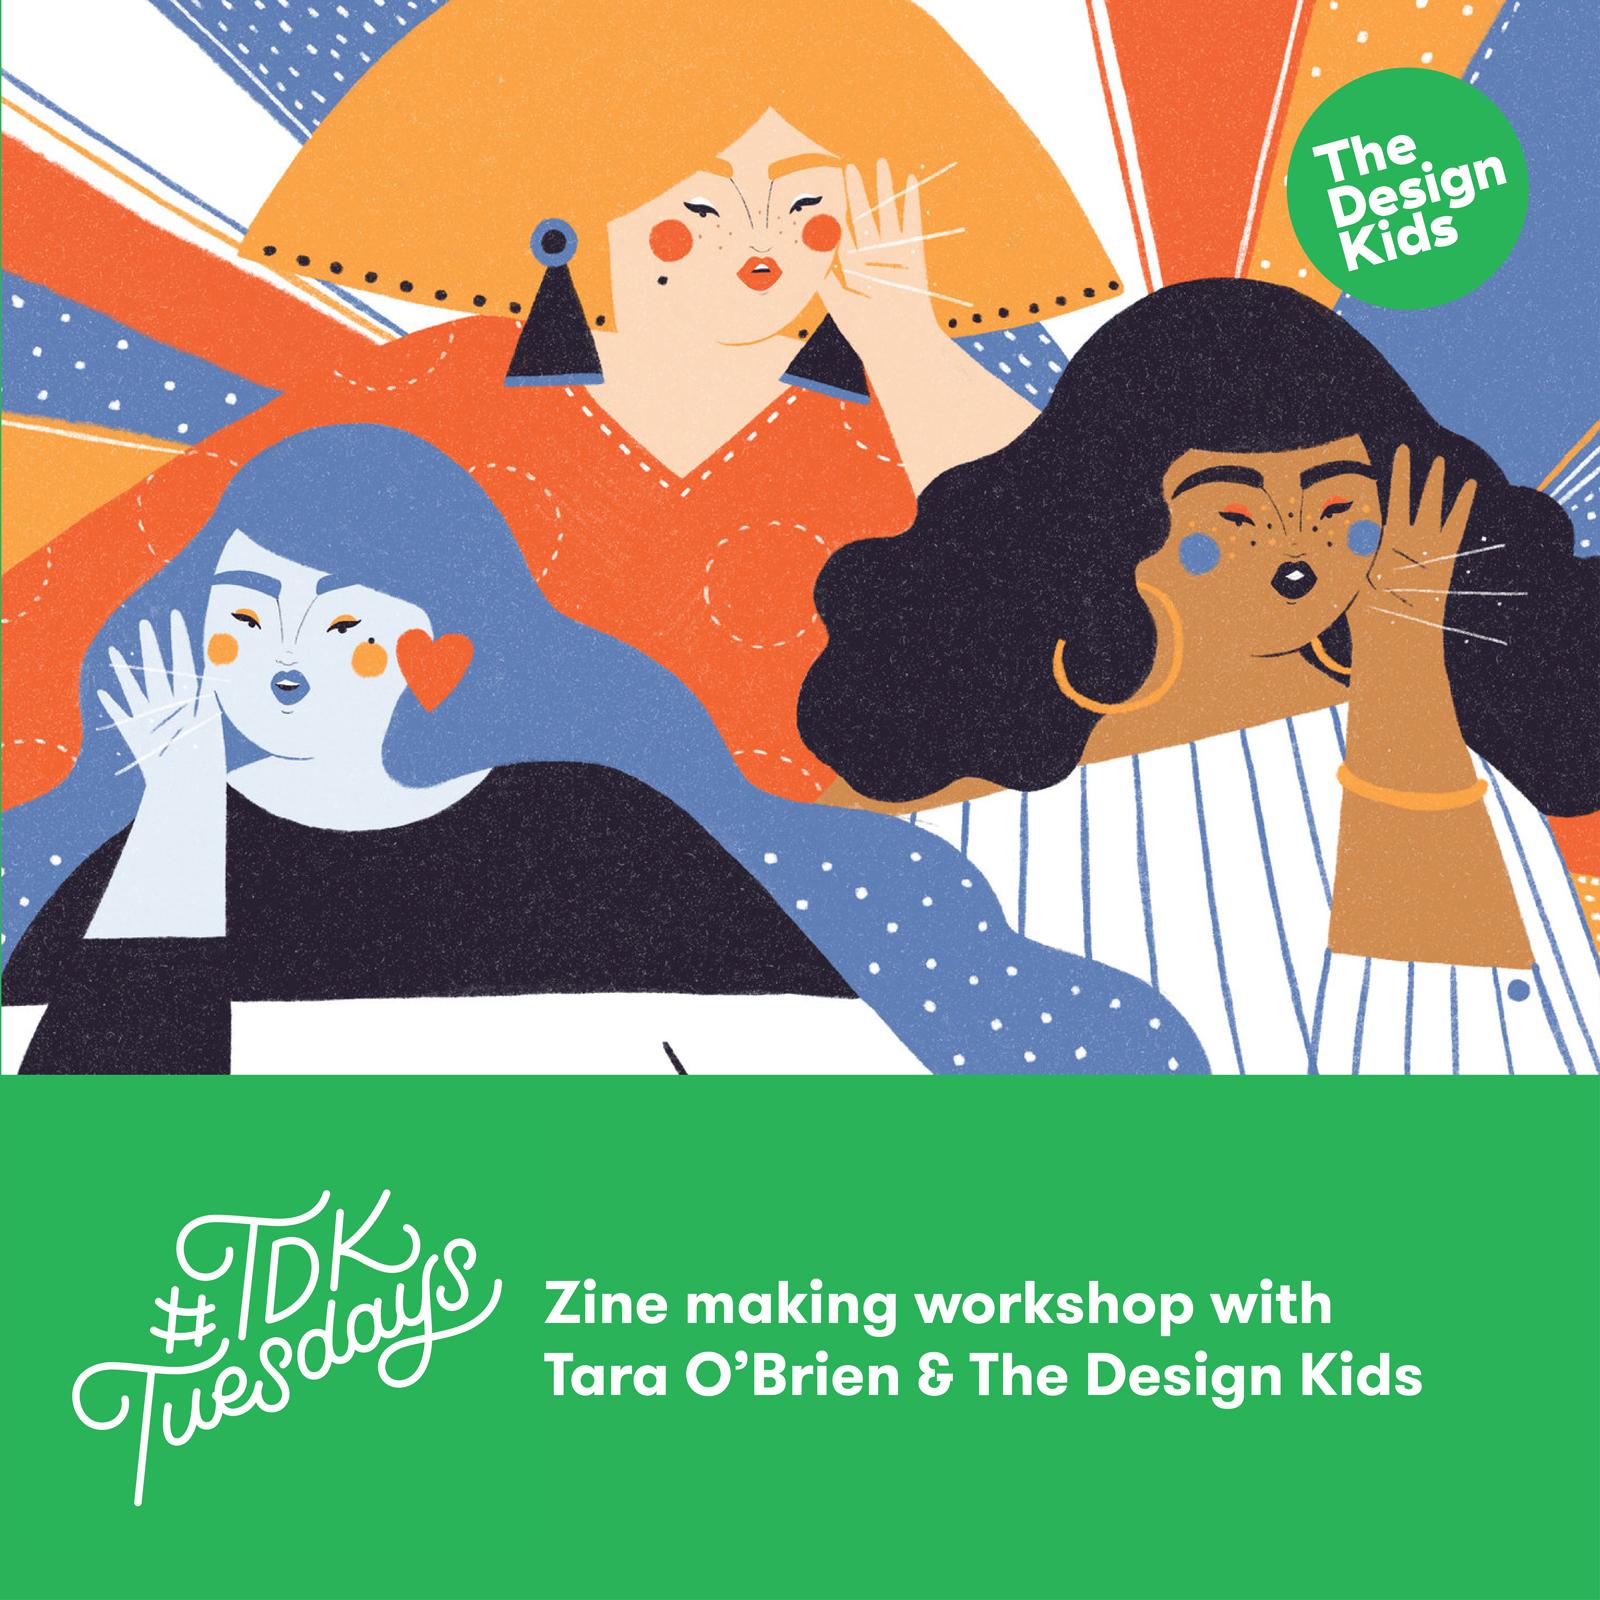 tuesday_april_2nd_br_zine_making_workshop